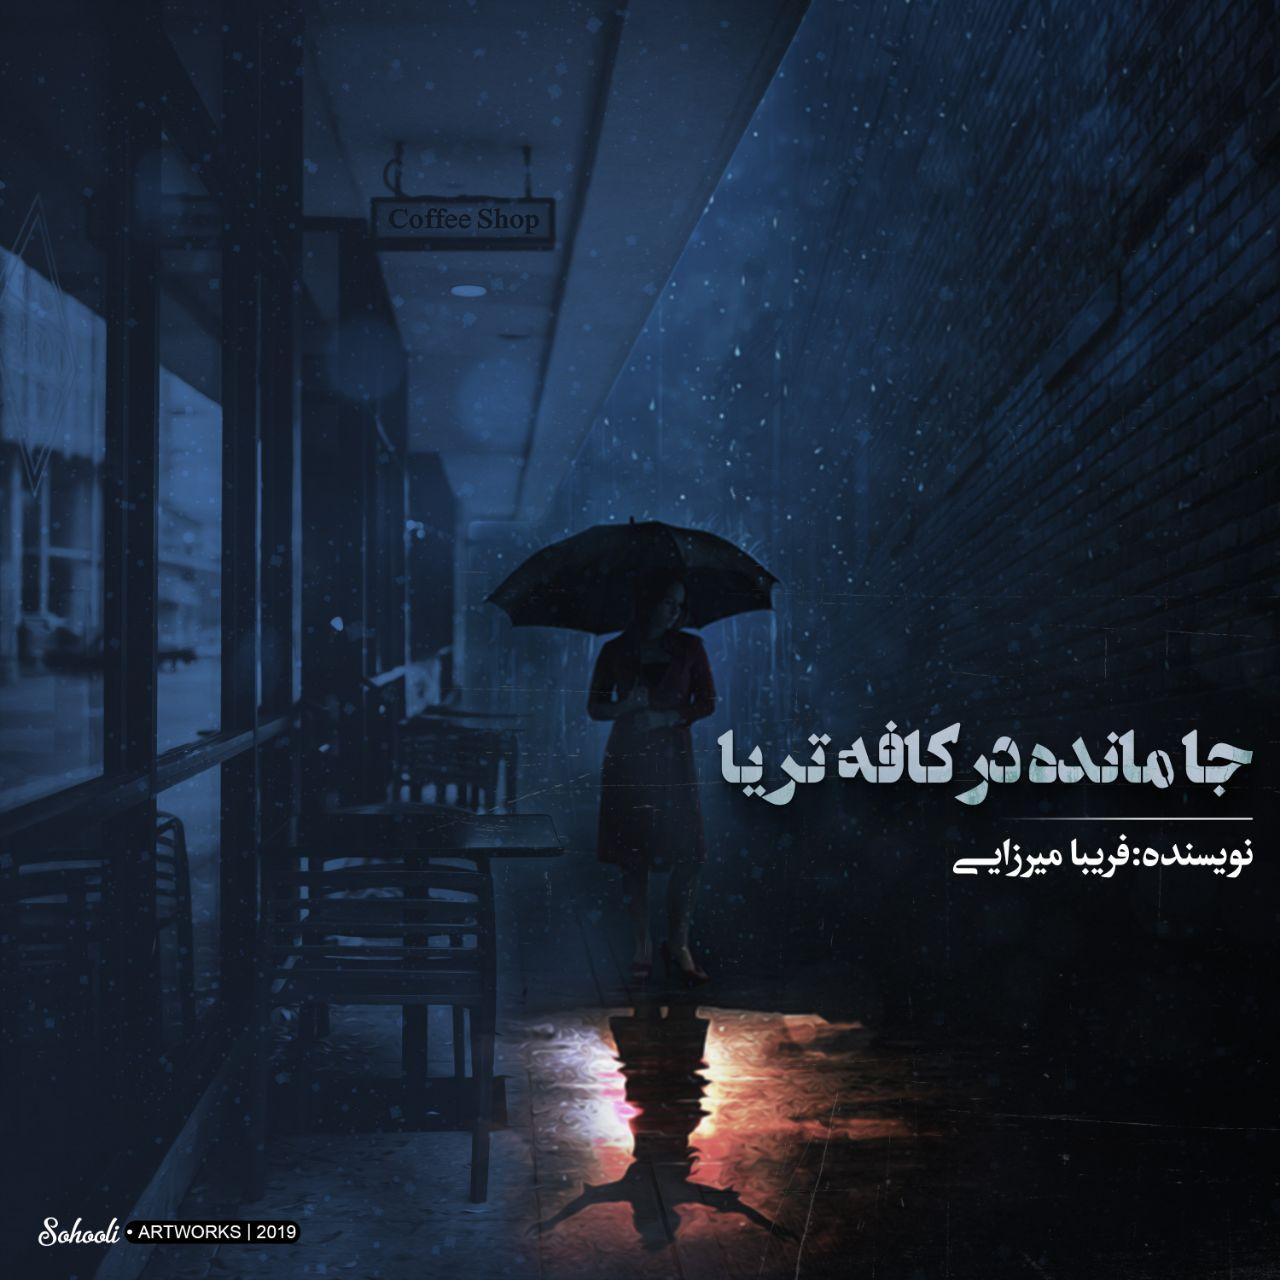 دانلود رمان جا مانده در کافه تریا نویسنده فریبا میرزایی